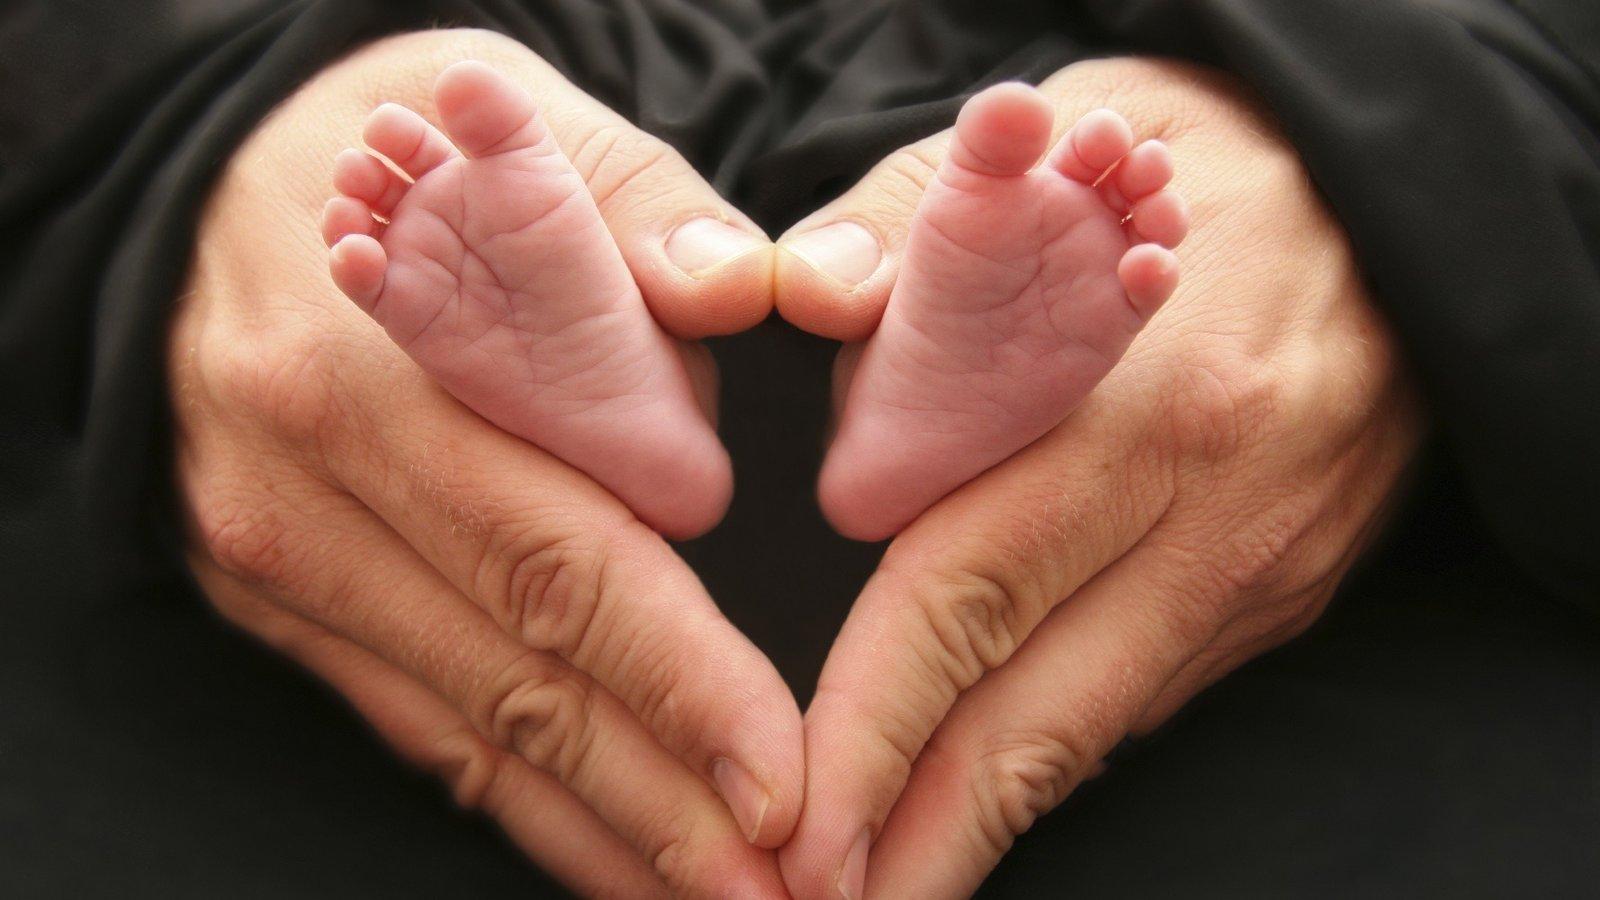 Fotos y videos sobre abortos 43